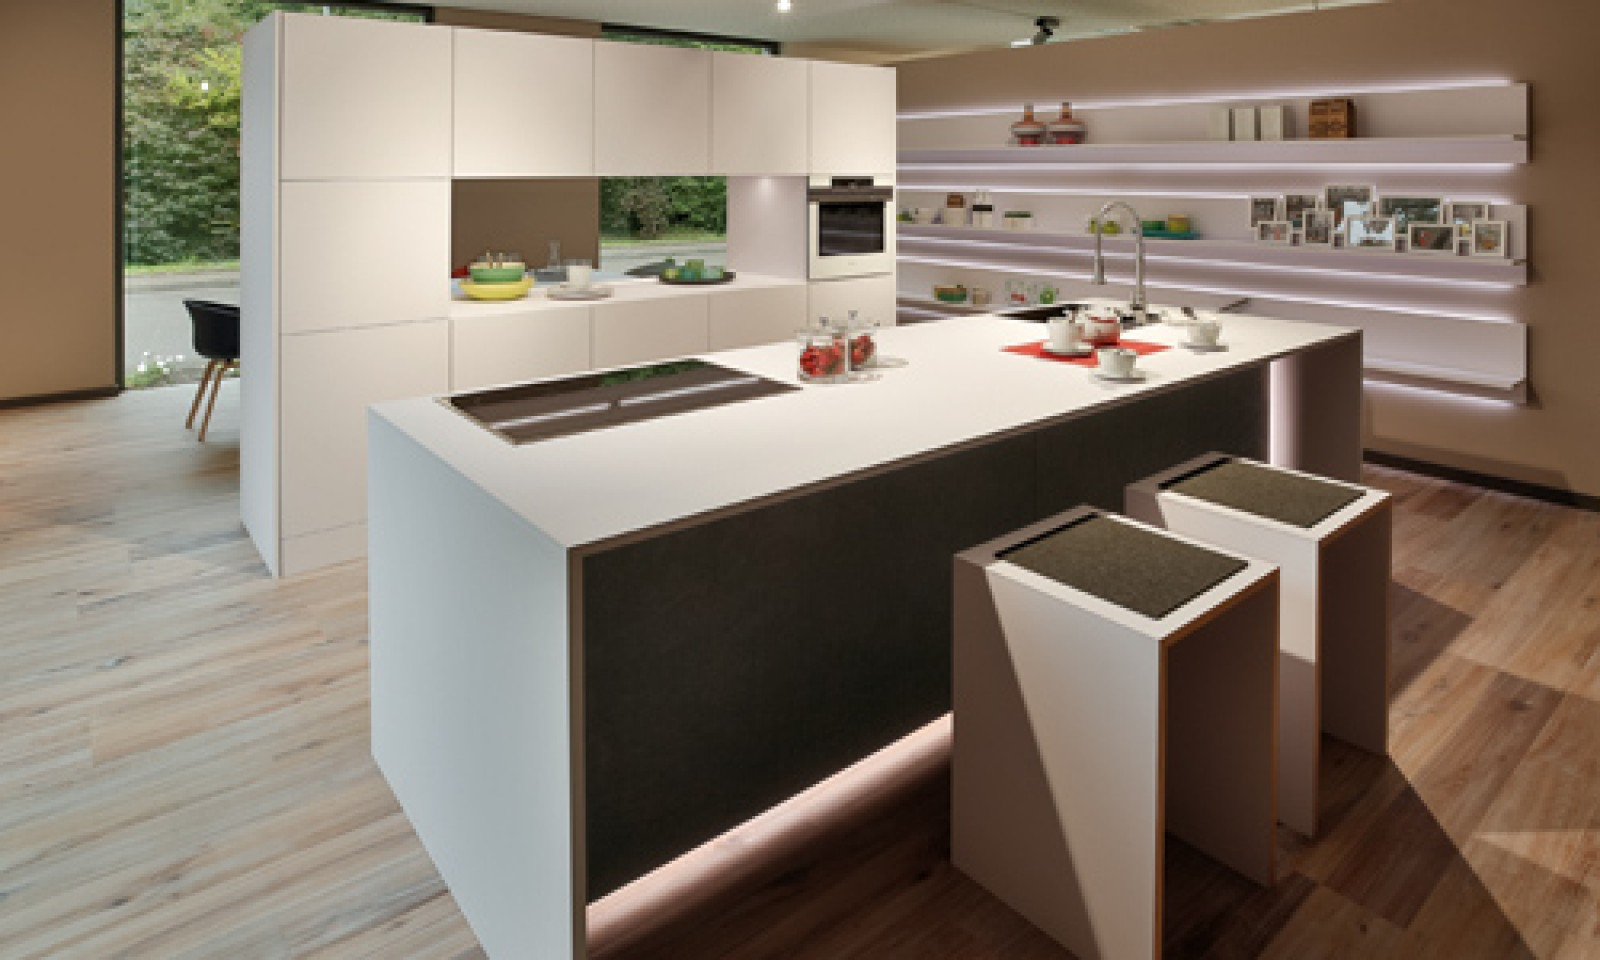 Beeindruckend Wohnwert Küchen Galerie Von Weiß Und Grau Sind Laut Rempp Noch